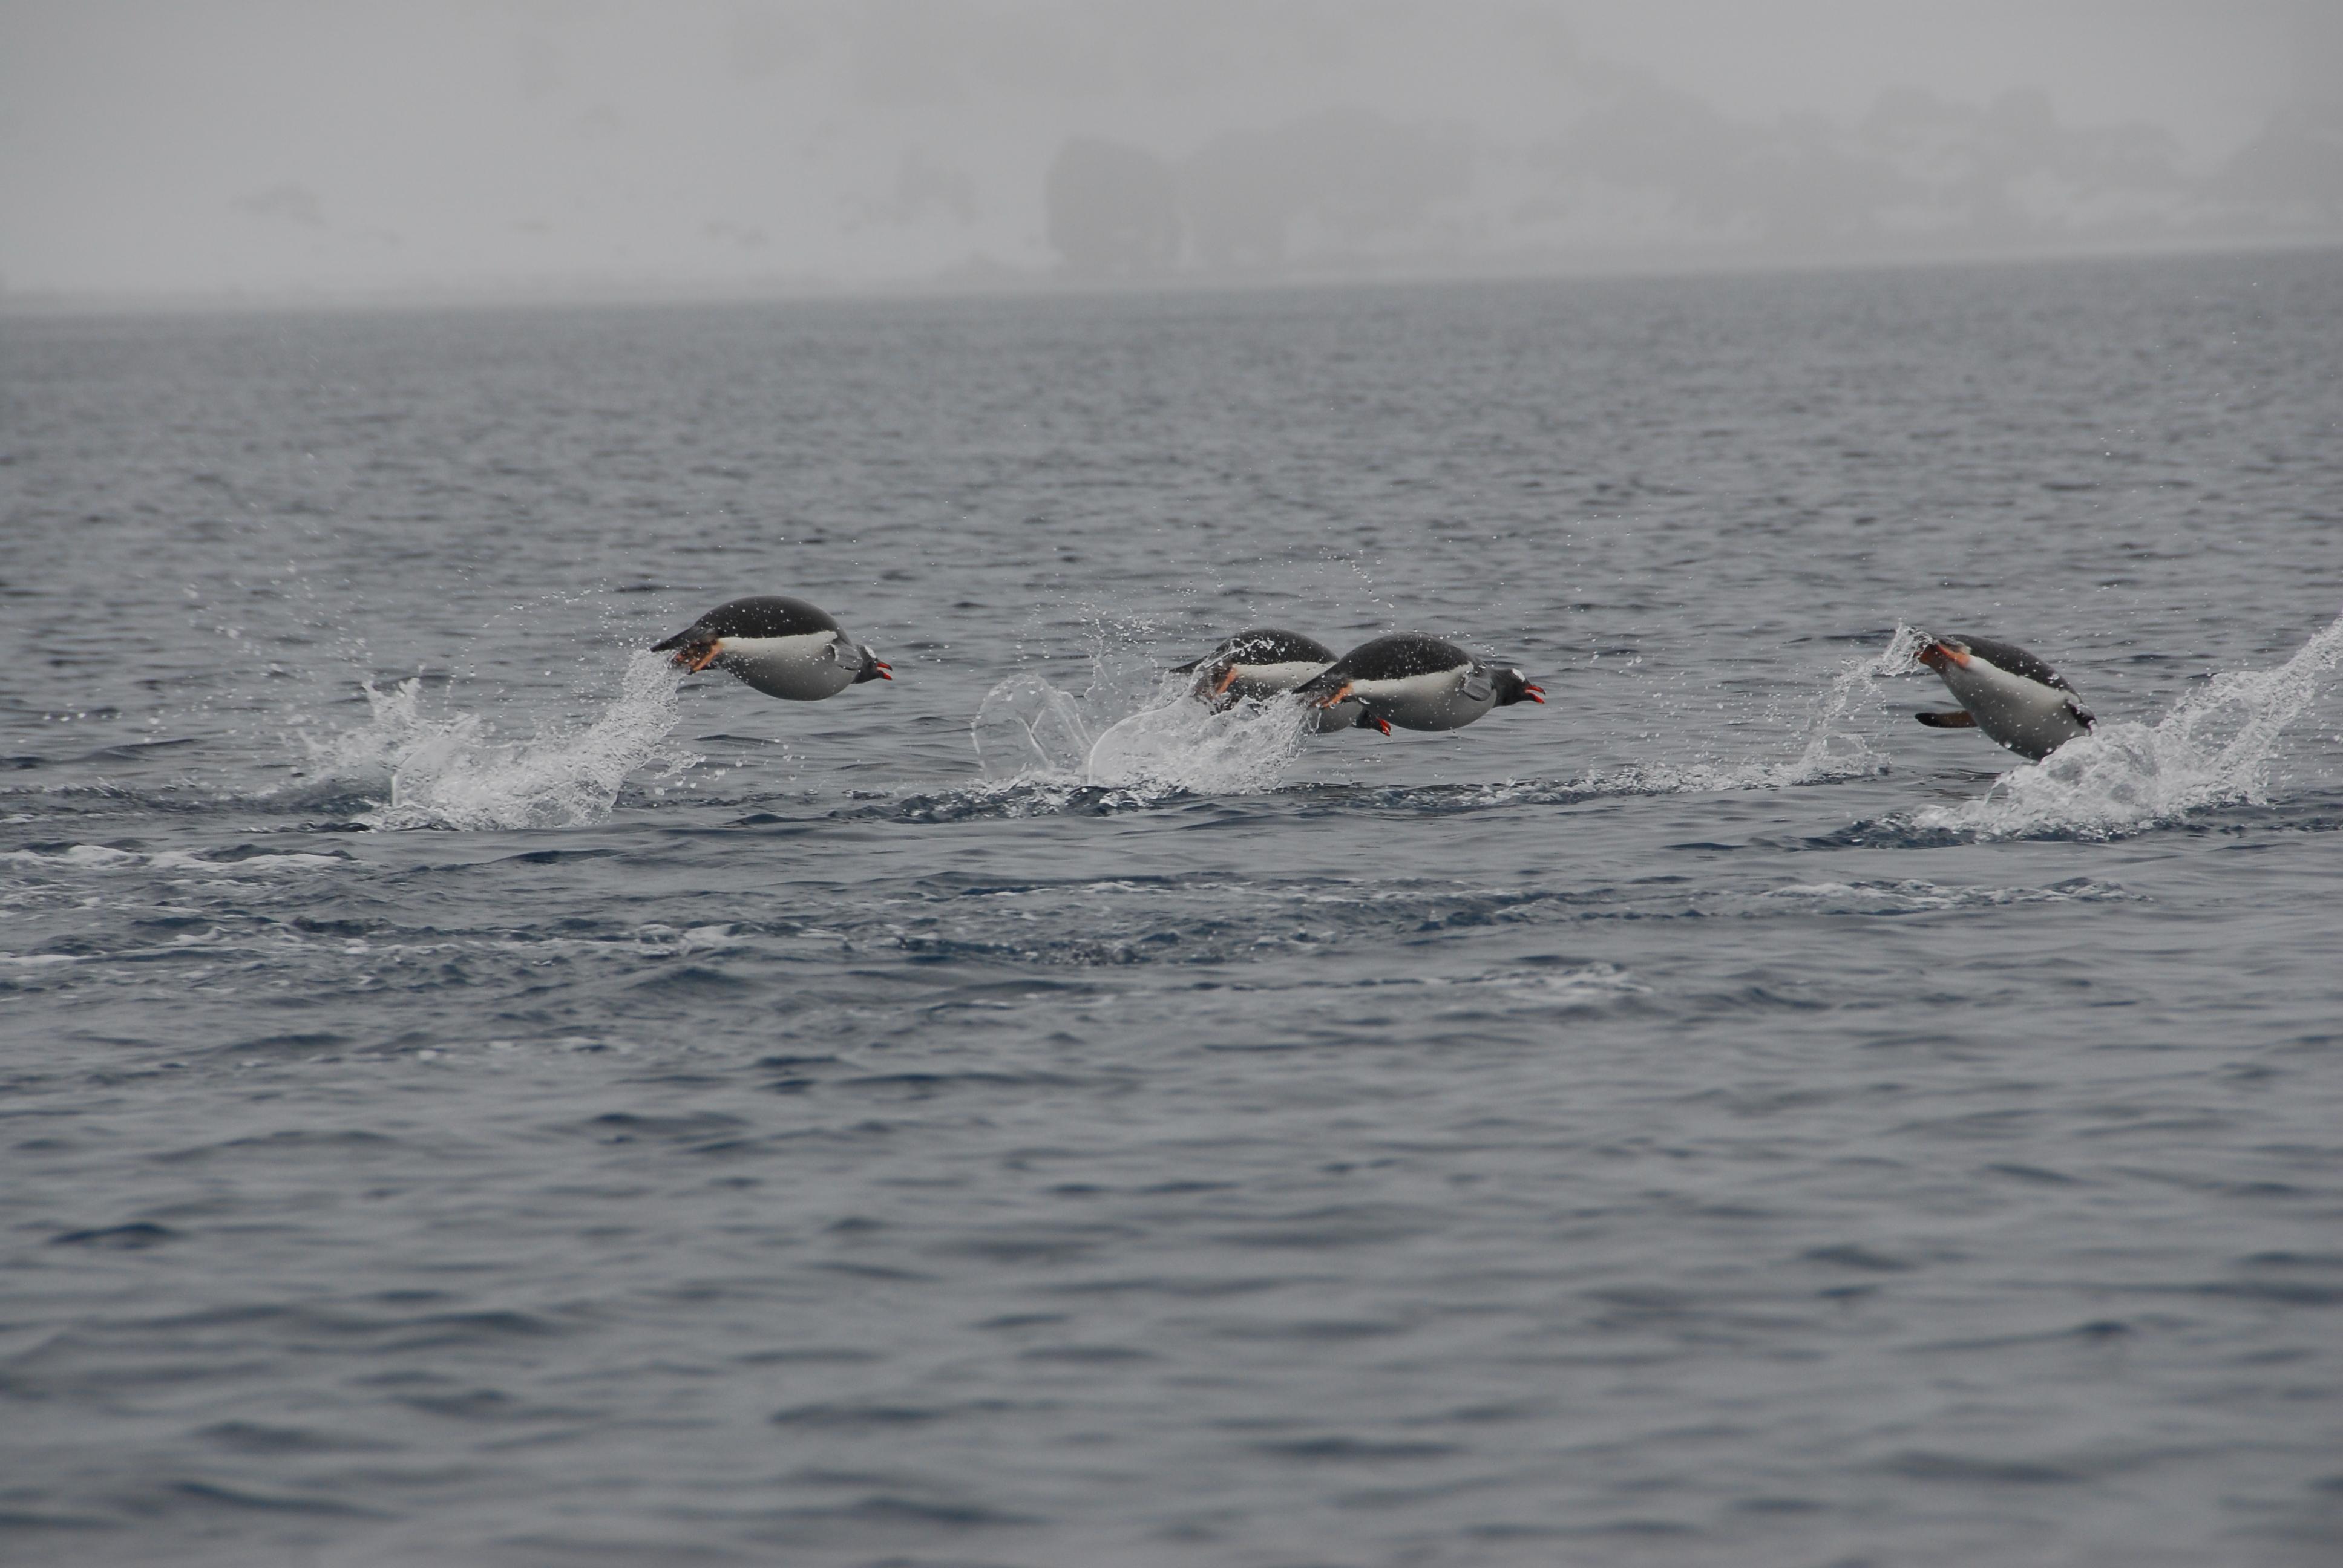 Tis the season for penguins girl from the hills blog for How do fish breathe underwater